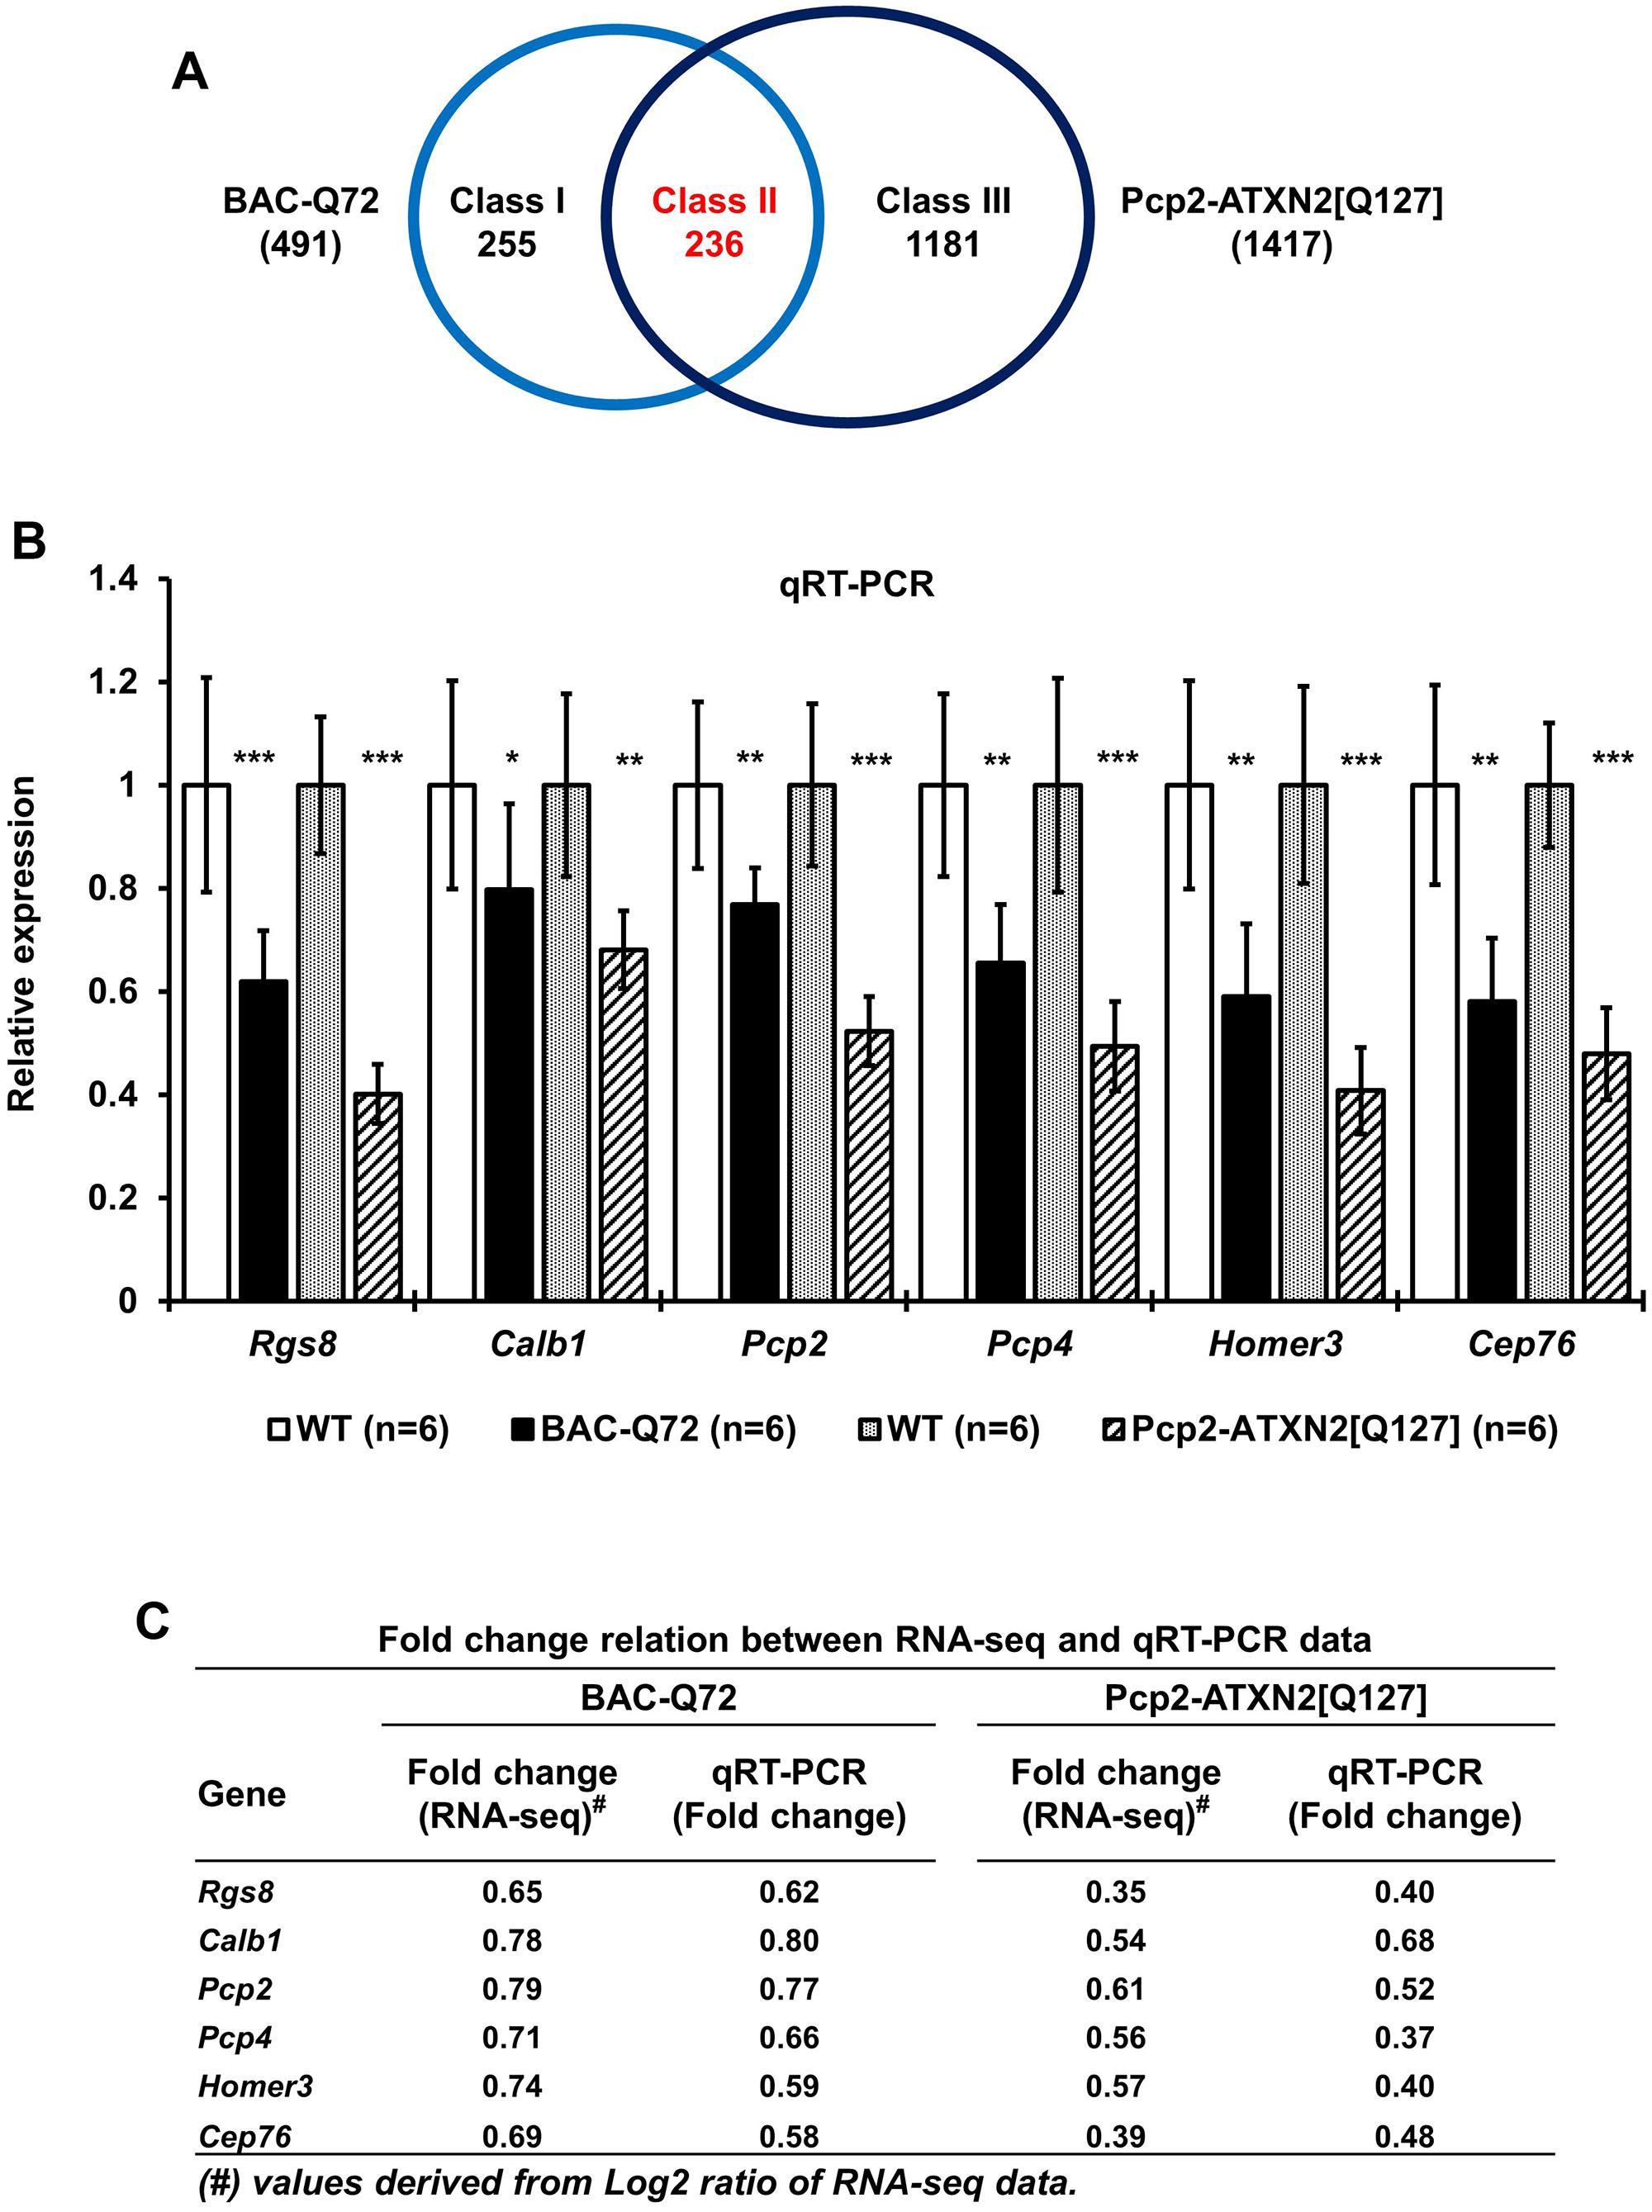 Comparison of transcriptome changes in BAC-Q72 and Pcp2-ATXN2[Q127] mice.